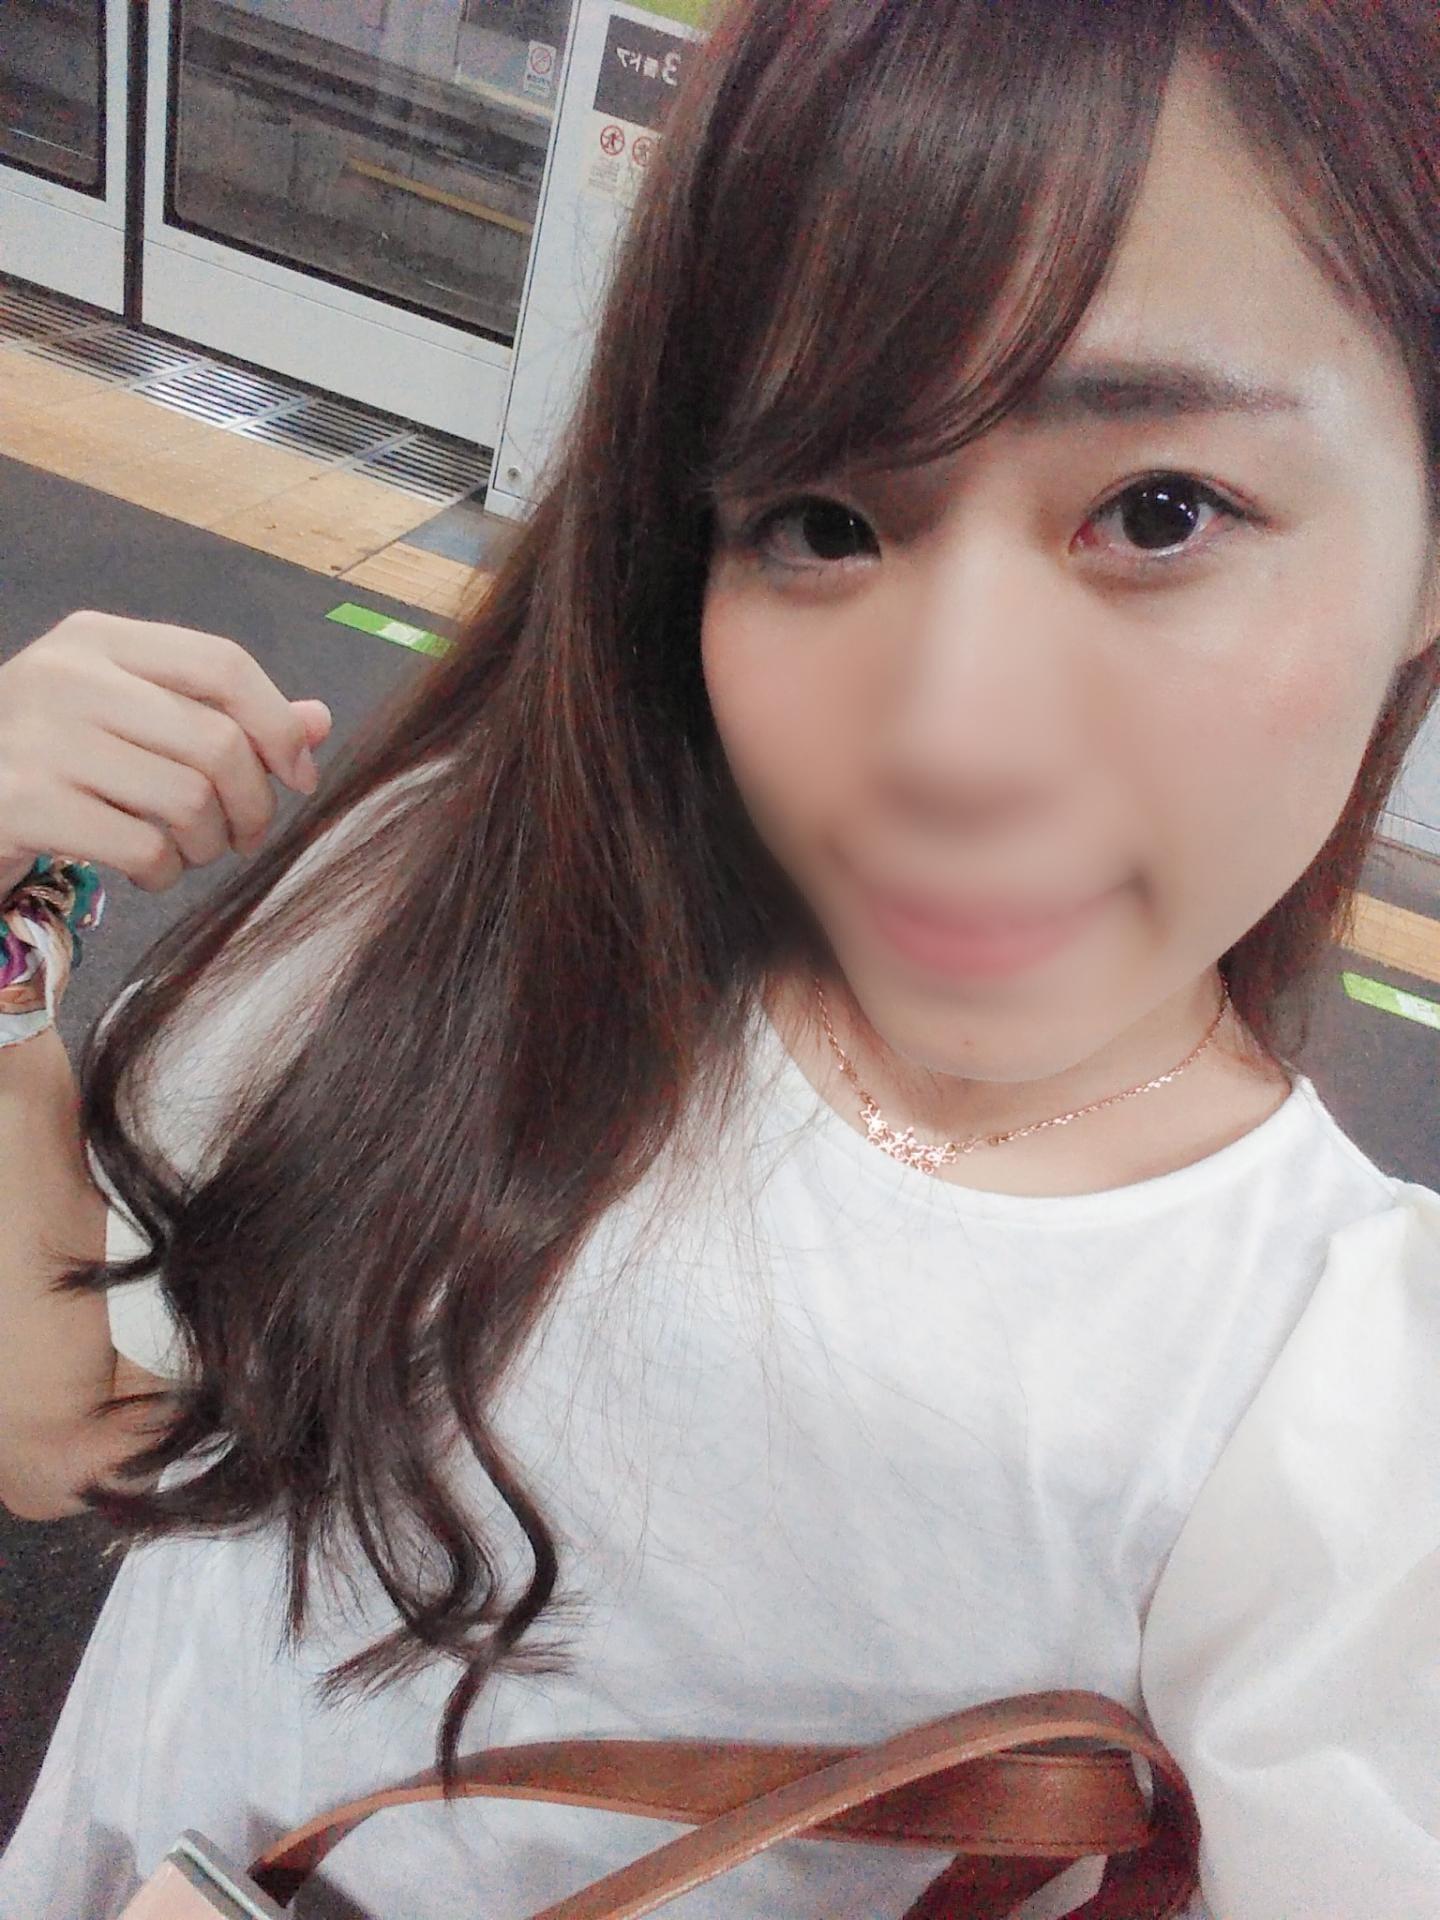 「うどん食べれんかった………」09/13(09/13) 14:30 | 有村あかねの写メ・風俗動画